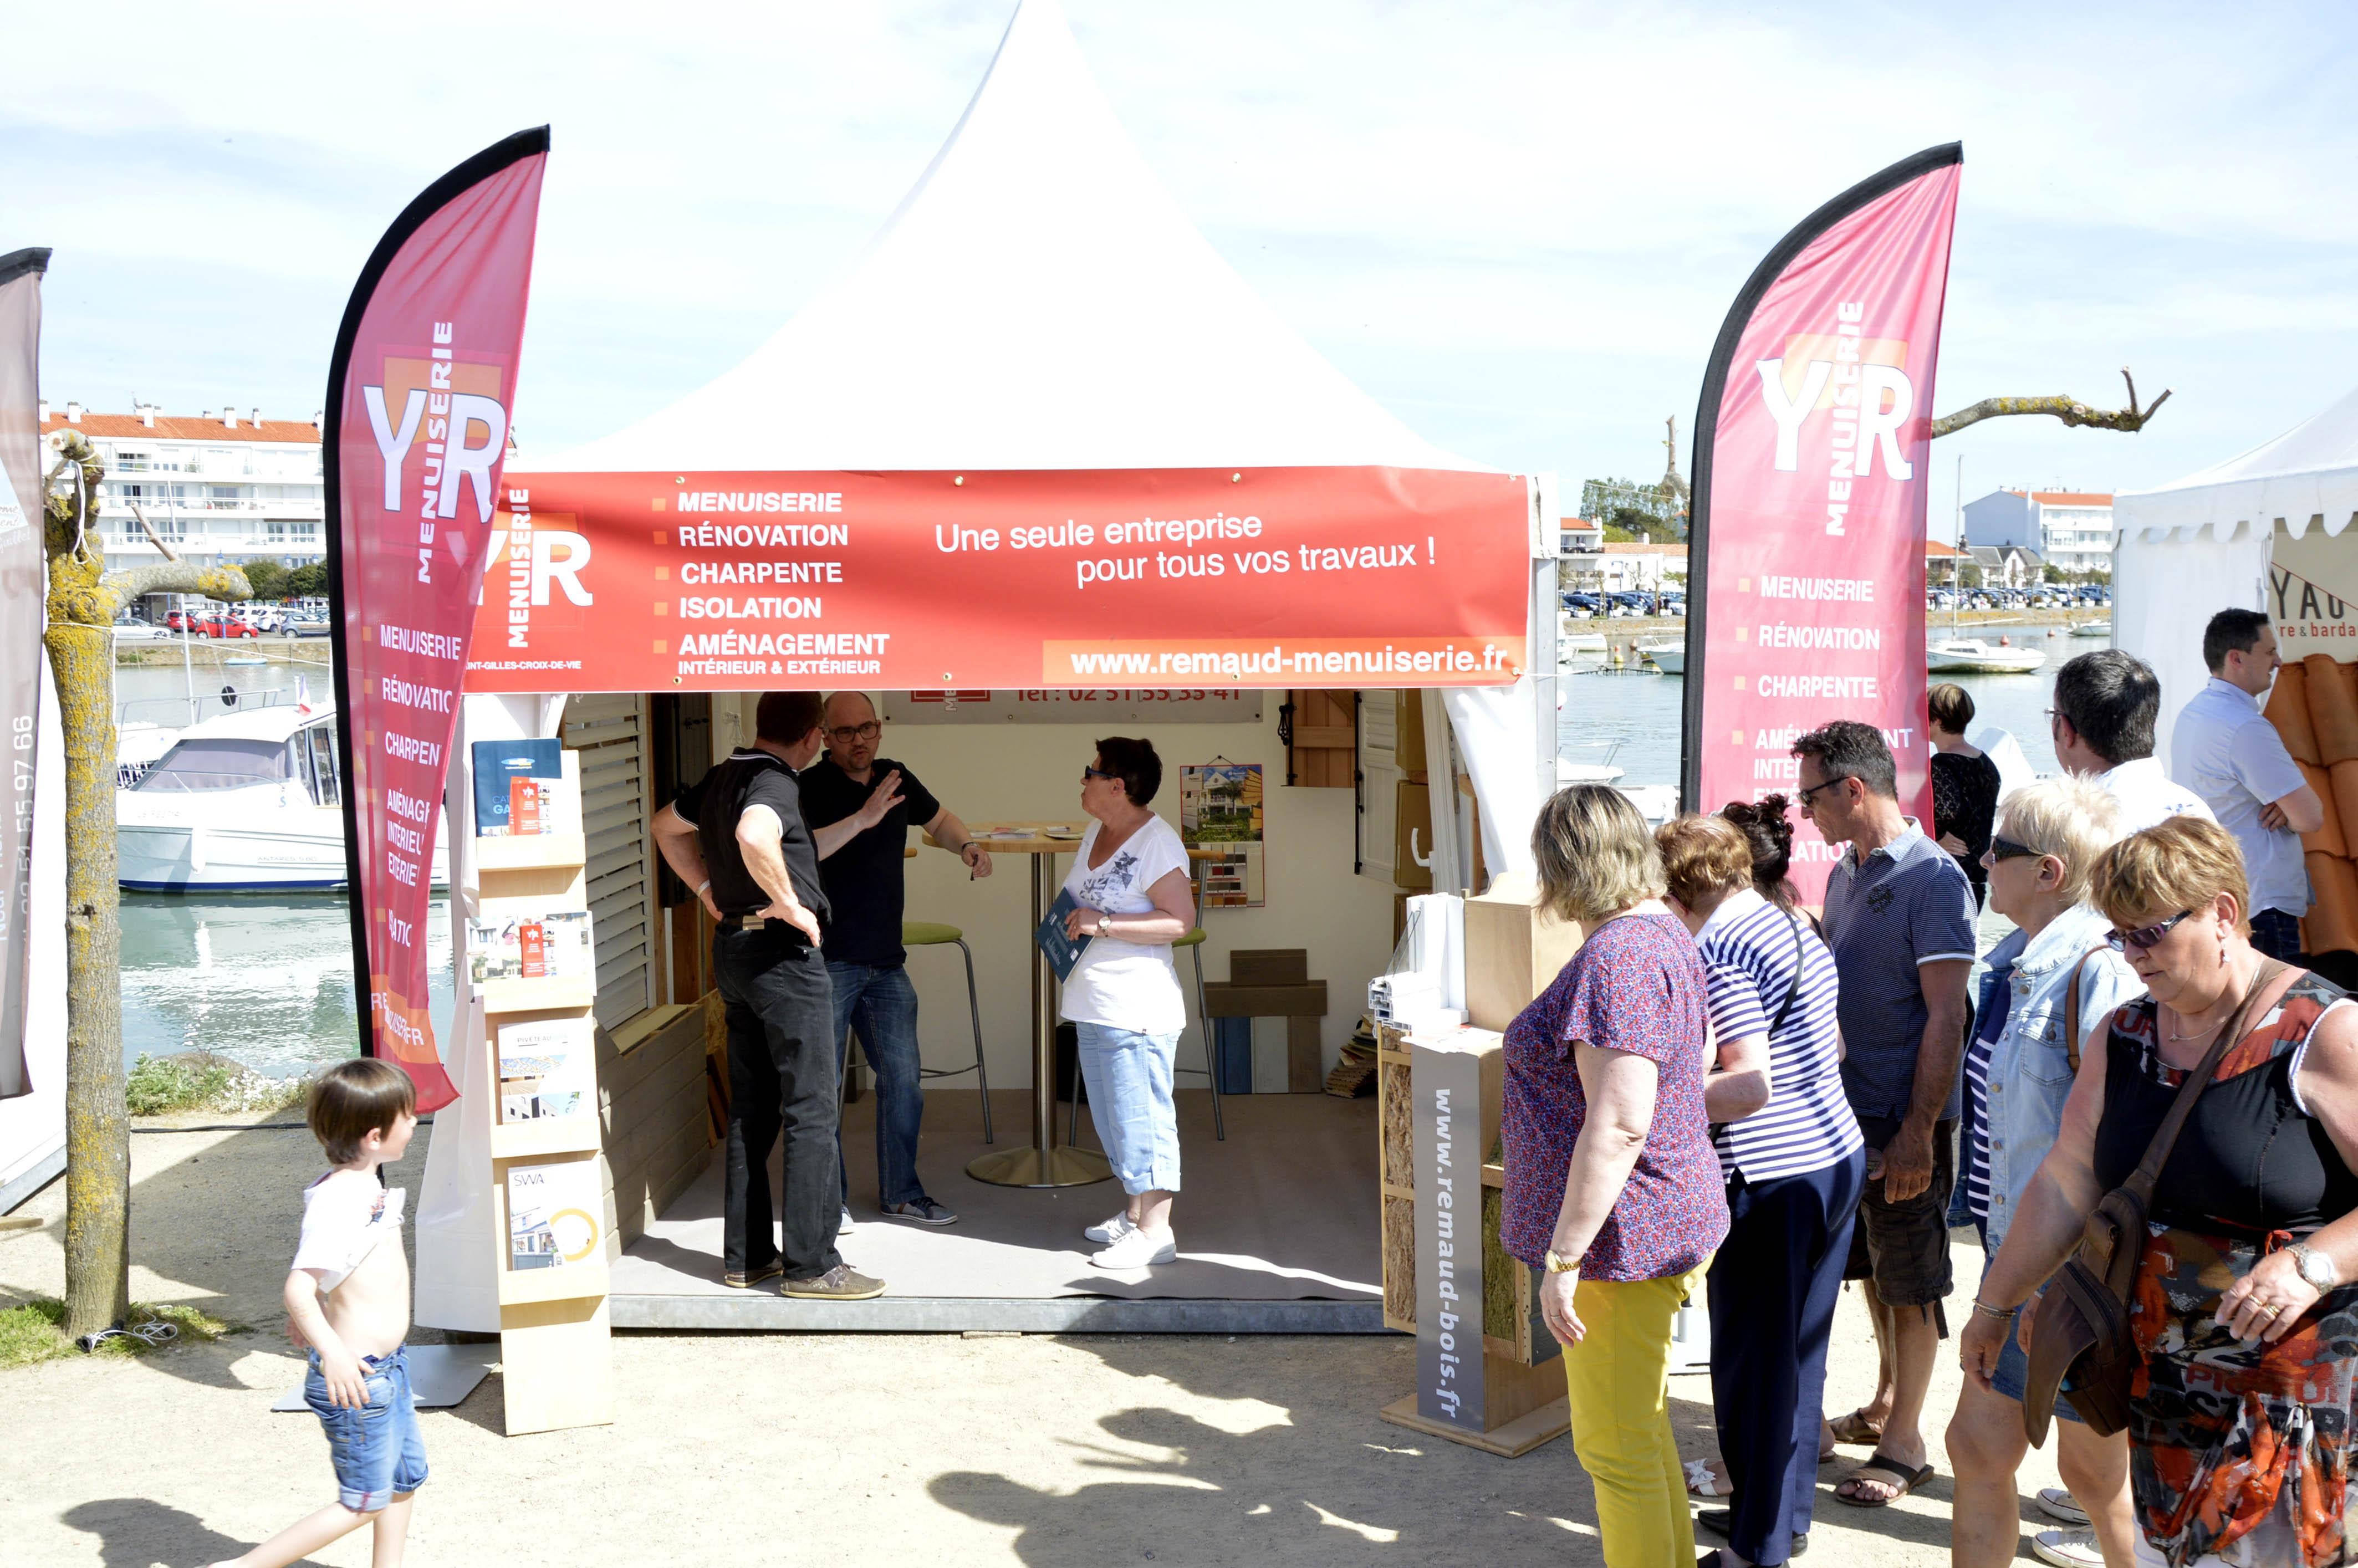 Foire expo de saint gilles croix de vie yannick remaud for Stand pour foire expo